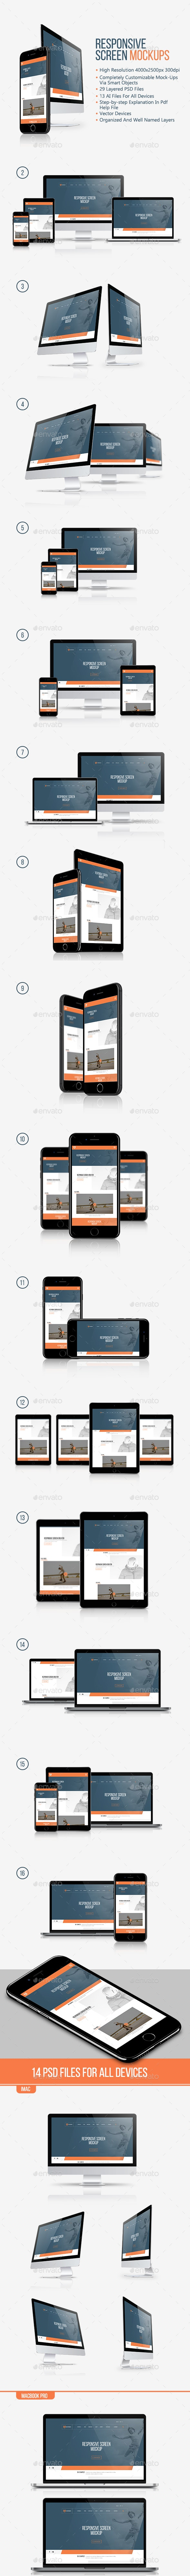 Responsive Screen Mockup - Multiple Displays